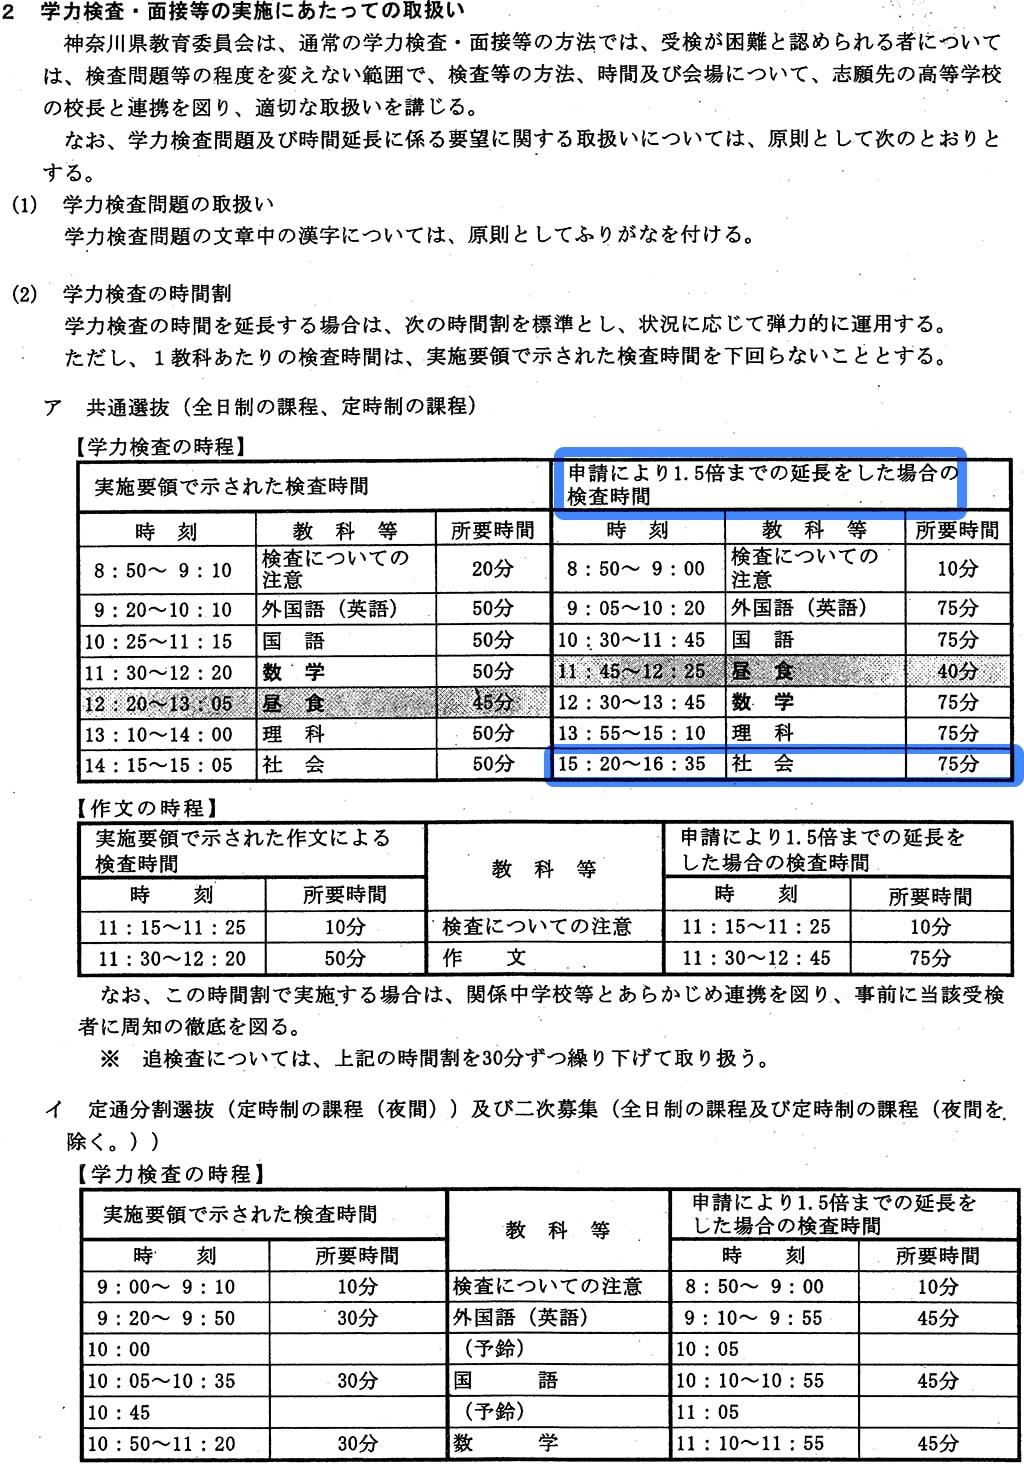 神奈川 大学 給費 生 解答 速報